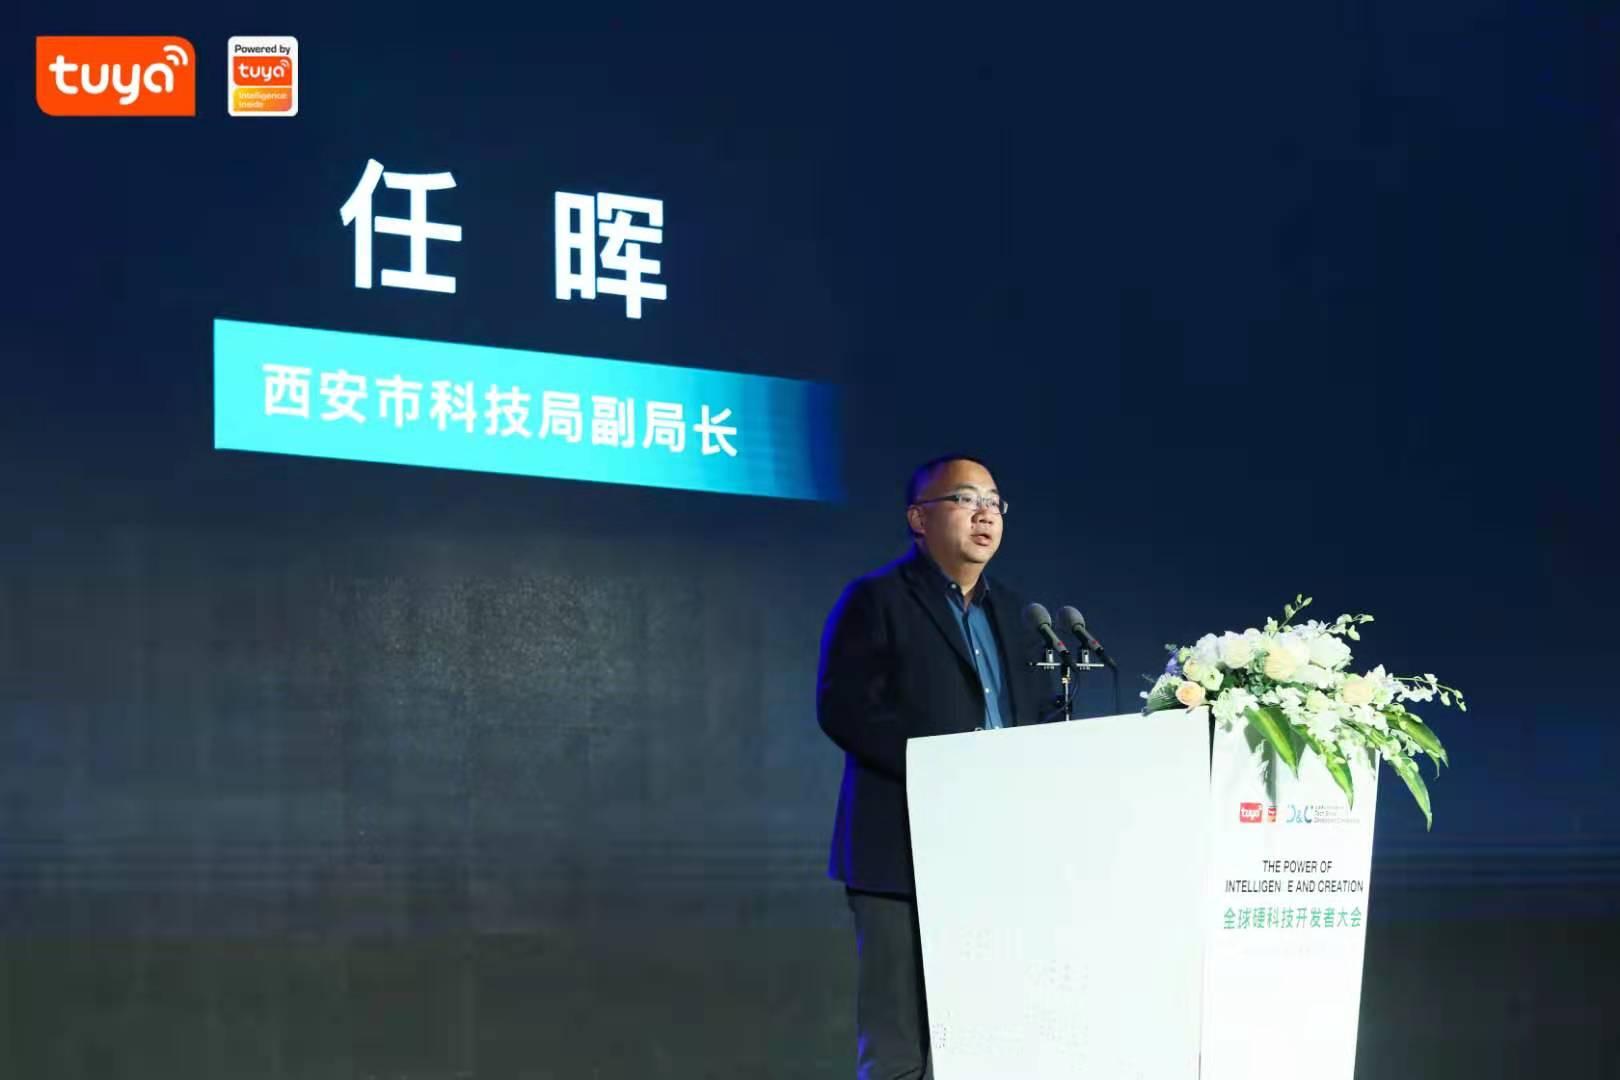 全球硬科技开发△者大会(西安)正式召开 开发者齐�聚共商AIoT落地机会